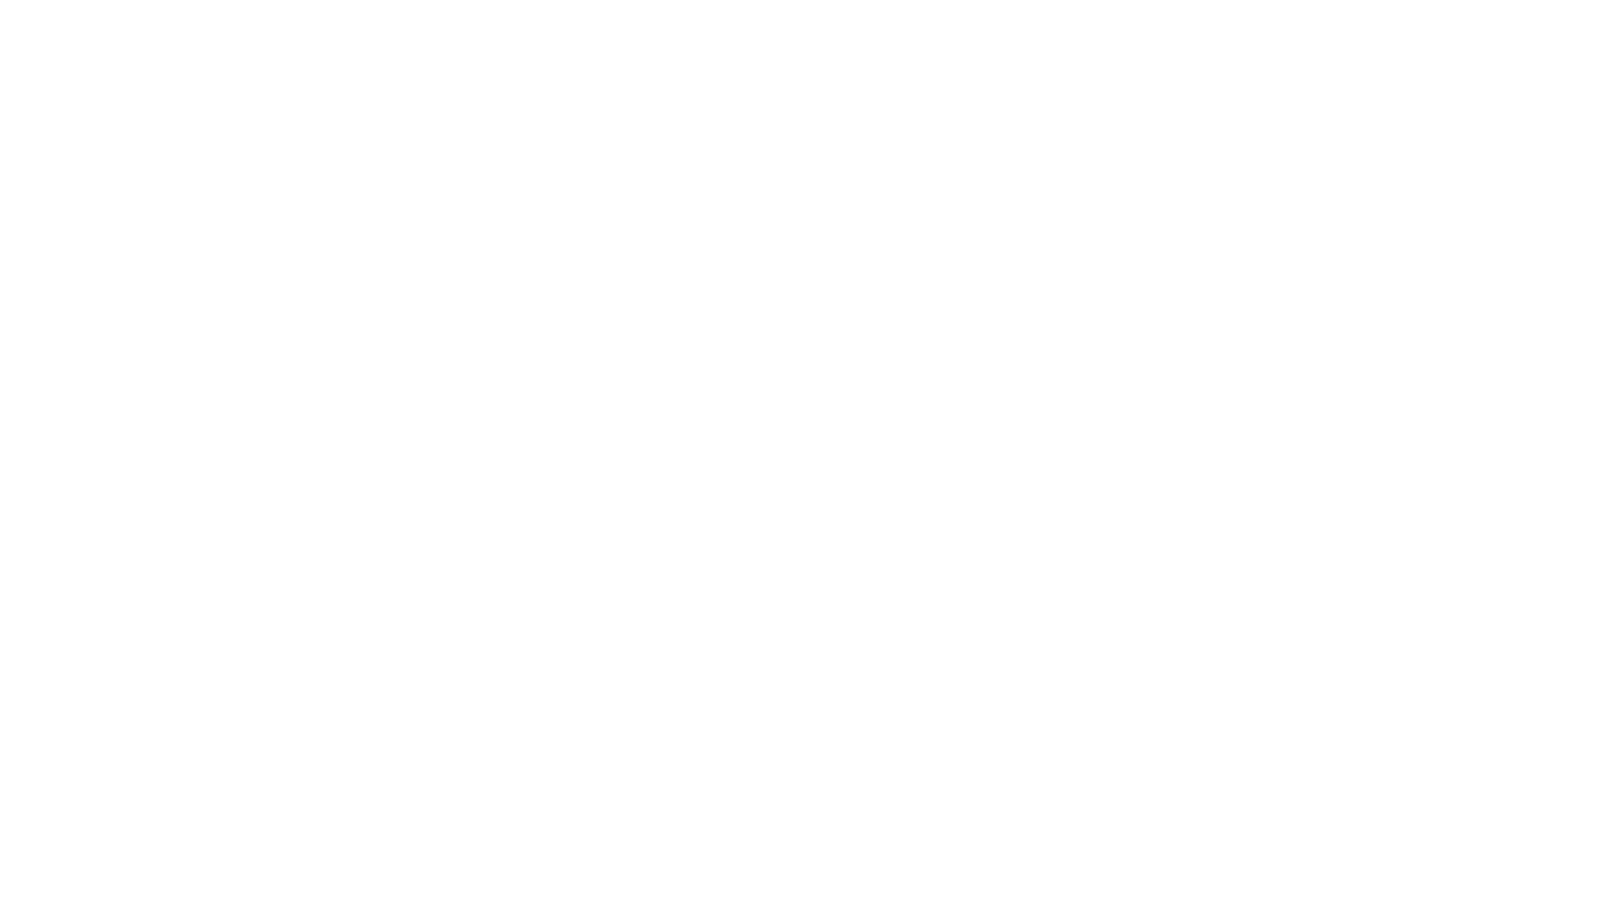 source de la vidéo : Mairie de Montargis  https://www.youtube.com/channel/UCxZVRK6taZ_qns83j65HsiQ  Retrouvez l'ordre du jour et nos interventions sur  https://montar.fr/ordre-du-jour-cm-montargis-du-16-nov-2020/